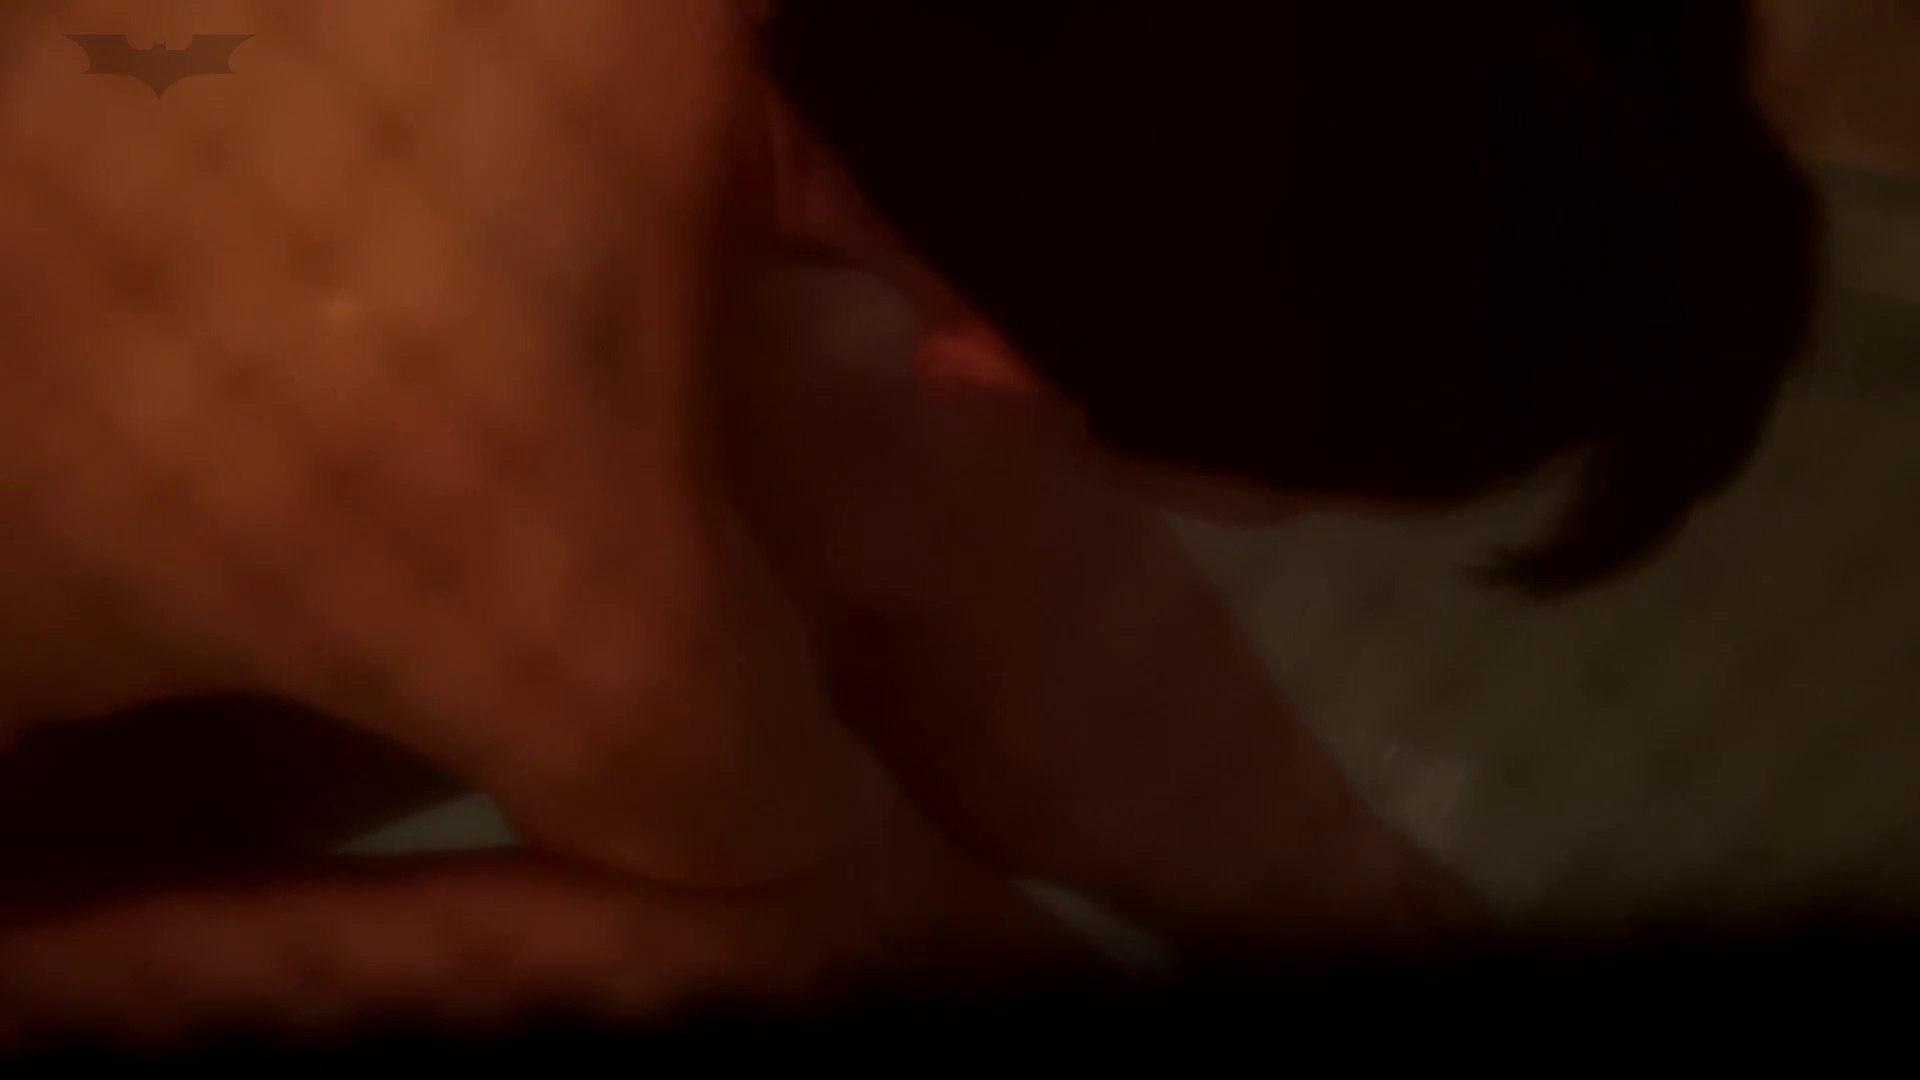 *華の女子寮ノゾキ* vol.04 陸上系?就活中のお女市さんJD 隠れた名作 ワレメ動画紹介 89枚 47